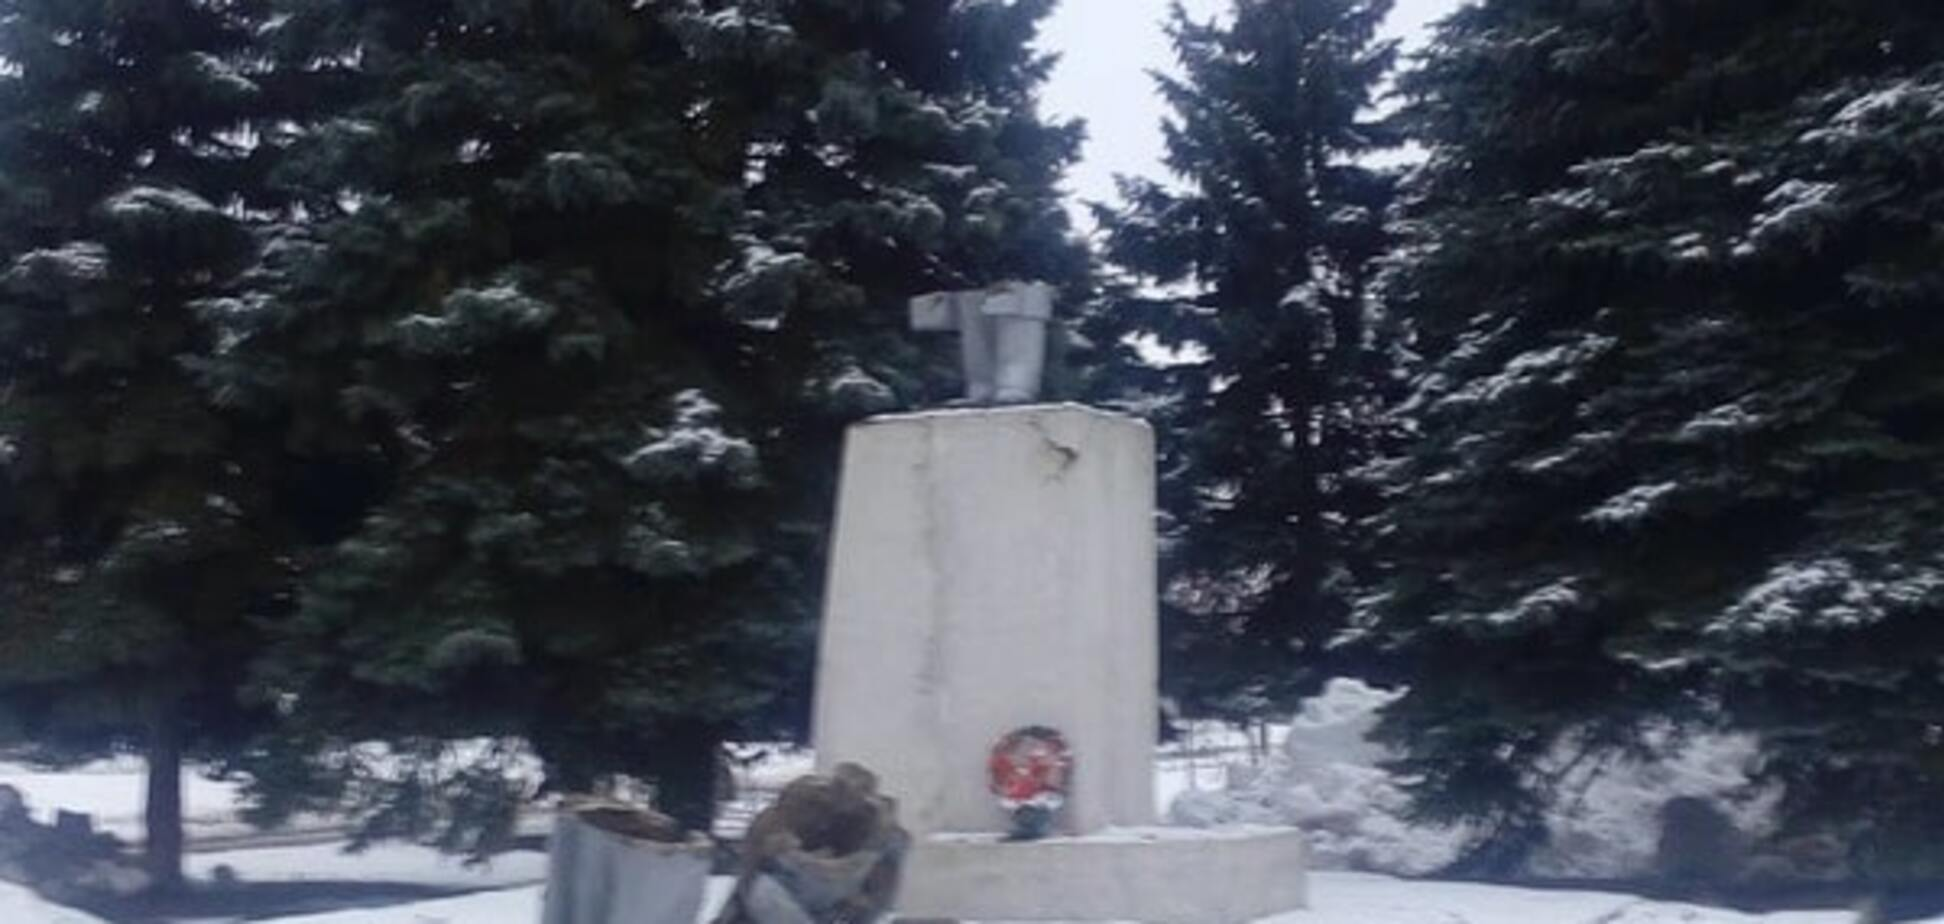 Ленінопад: вождя більшовизму звалили на Харківщині. Опубліковані фото і відео